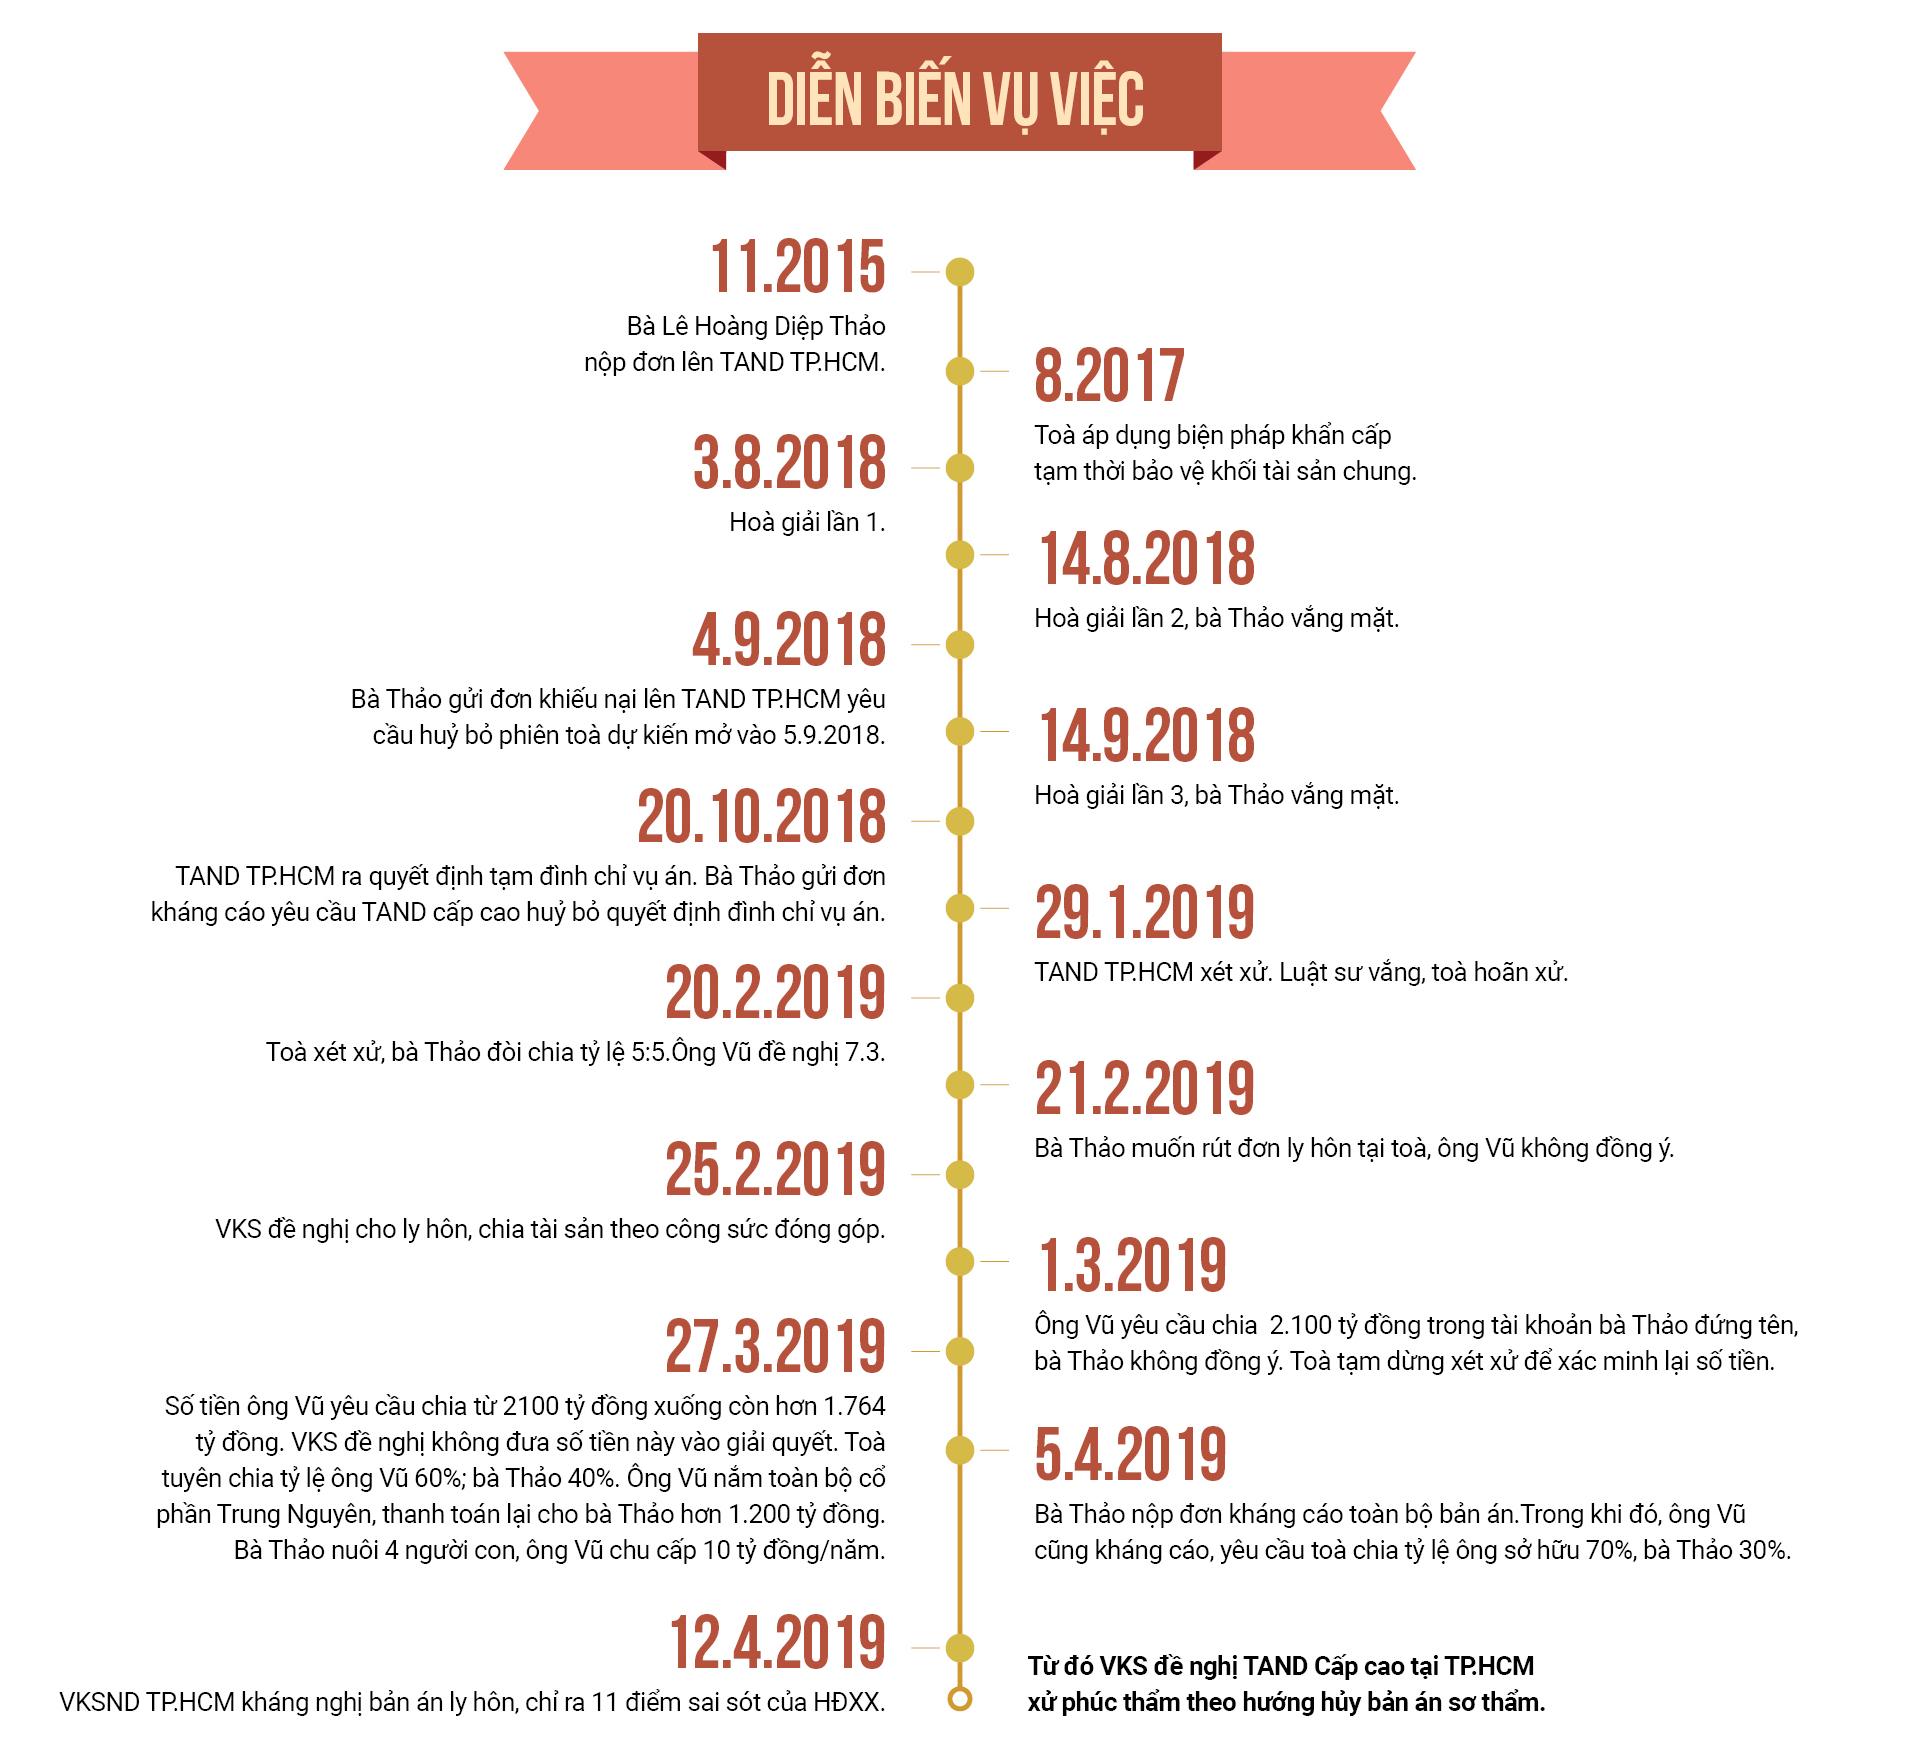 Vụ ly hôn nghìn tỷ của vợ chồng vua cà phê Trung Nguyên: Những đêm trắng sau phiên tòa của người đàn bà đẹp-14